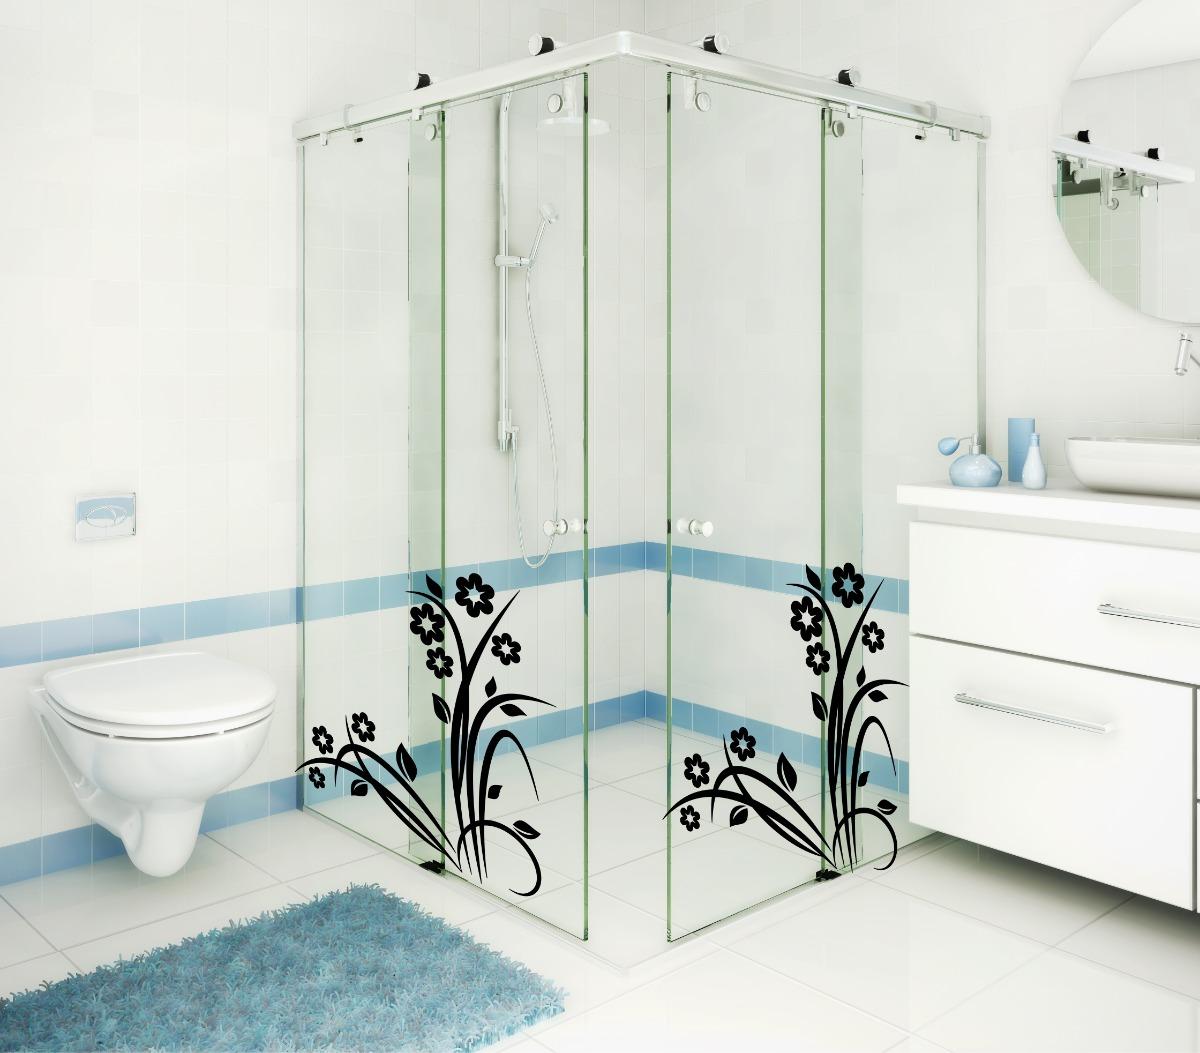 Imagens de #4C727F Adesivo Decorativo Parede Banheiro Box Vidro Floral Flores R$ 19 98  1200x1053 px 2200 Box De Vidro Para Banheiro Gravatai